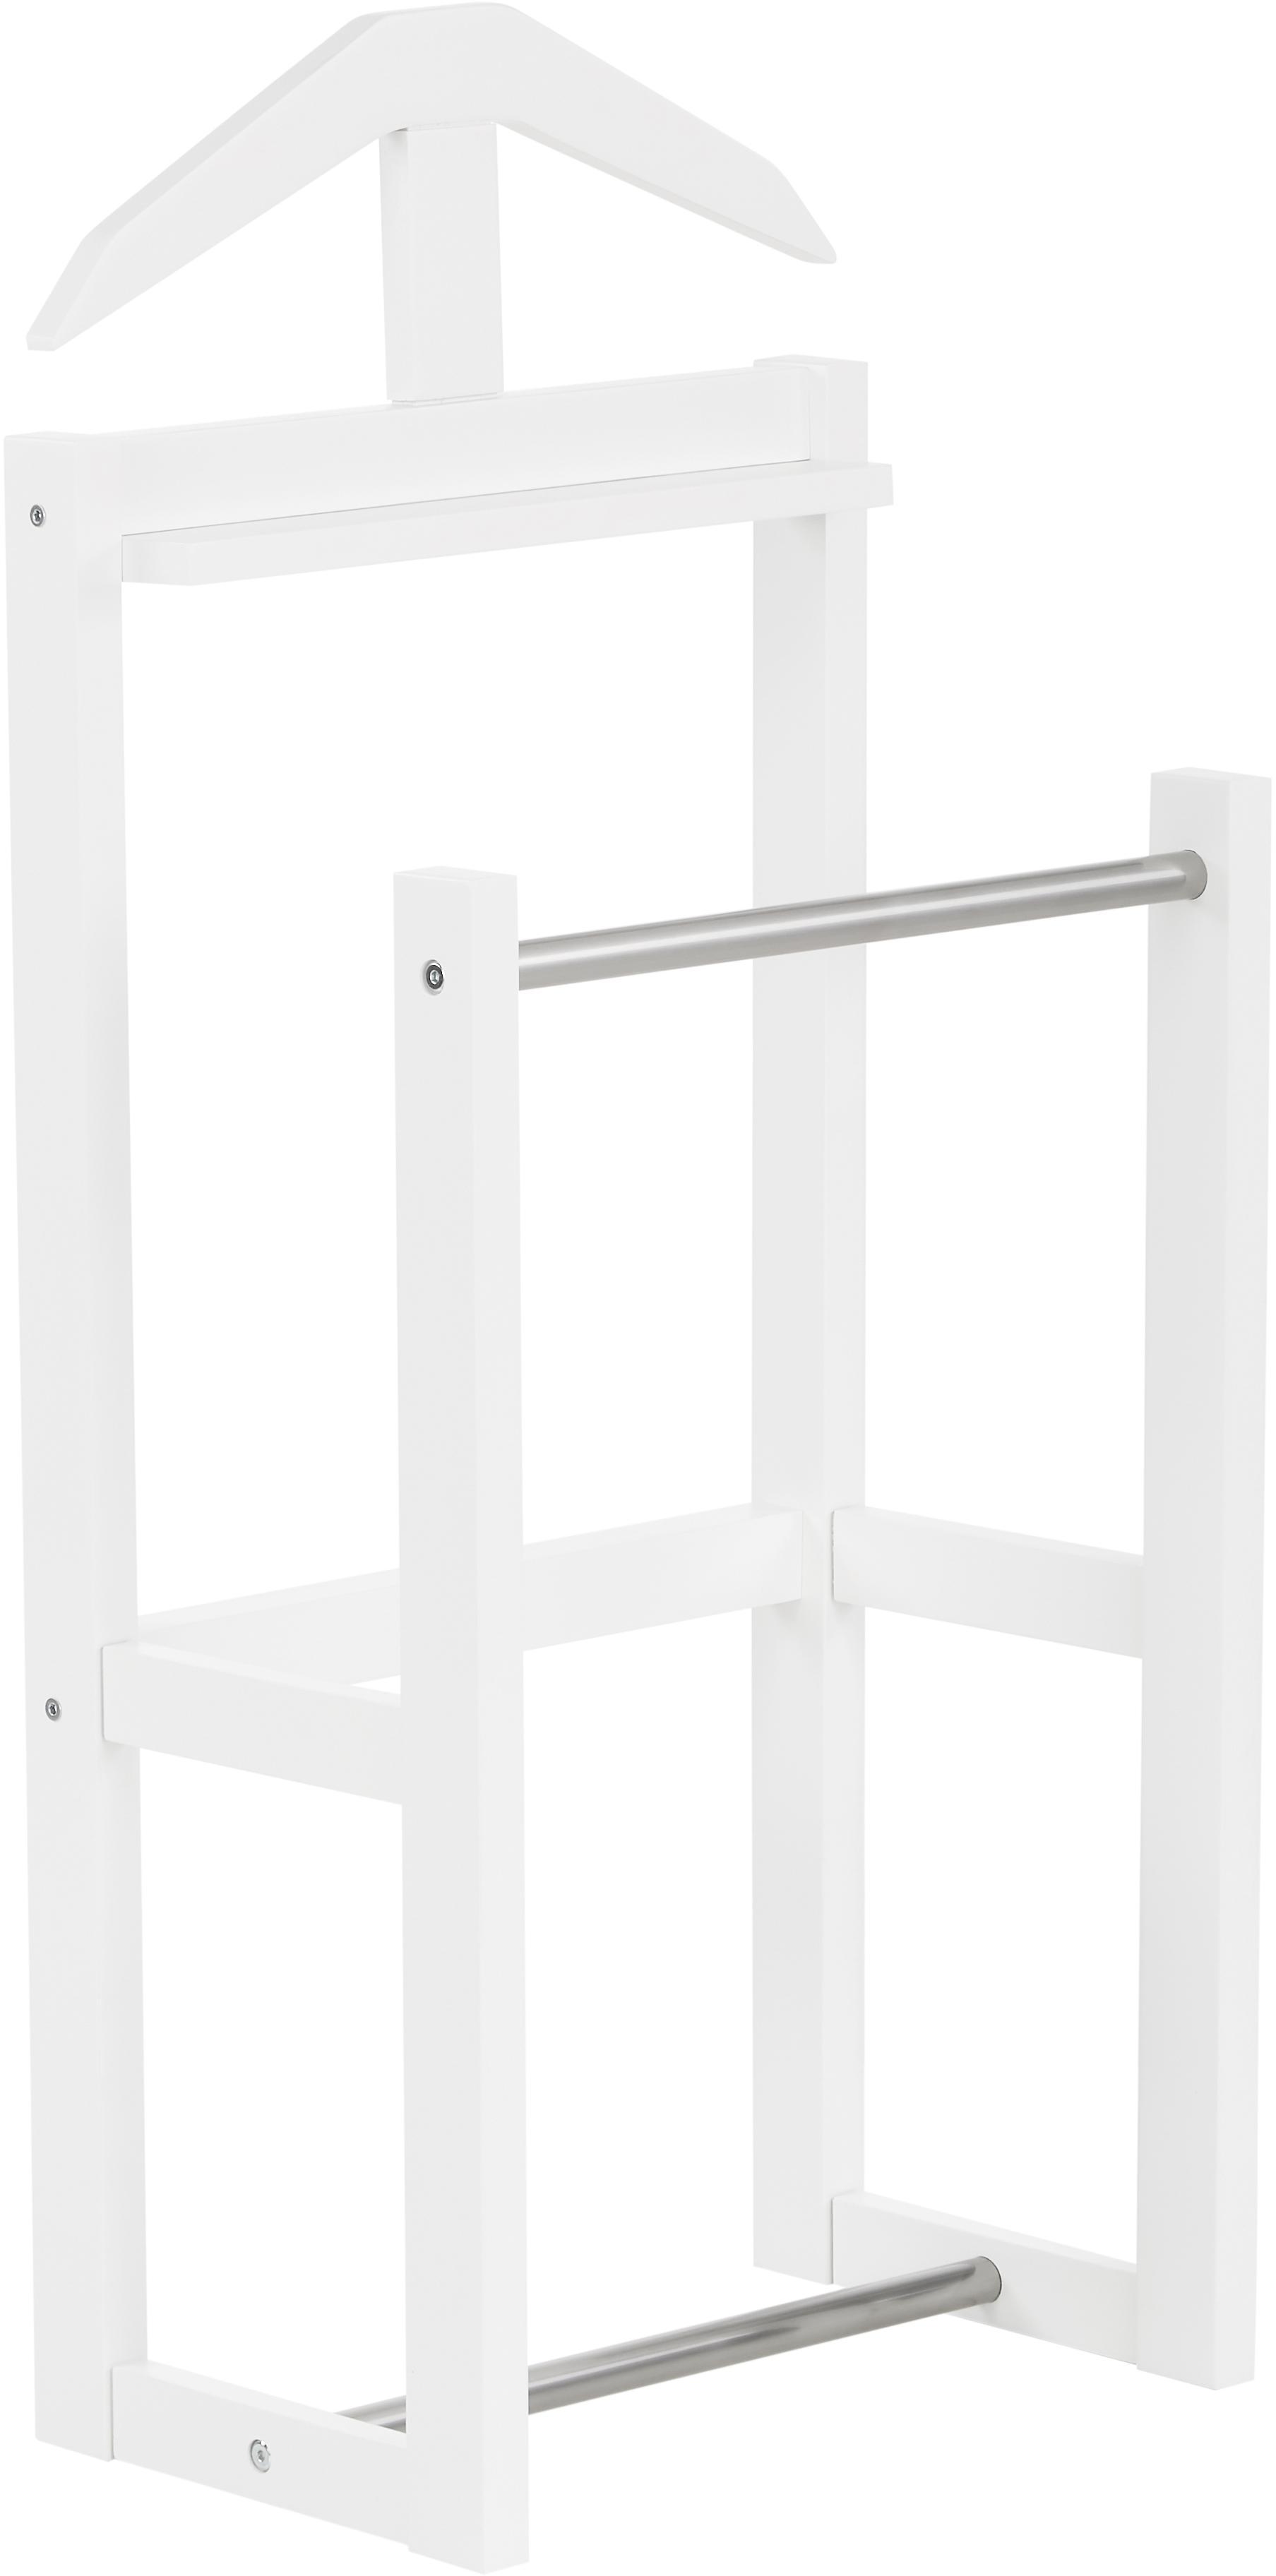 Wieszak stojący Diener Confetti, Drewno dębowe, lakierowane, Biały, S 44 x W 100 cm